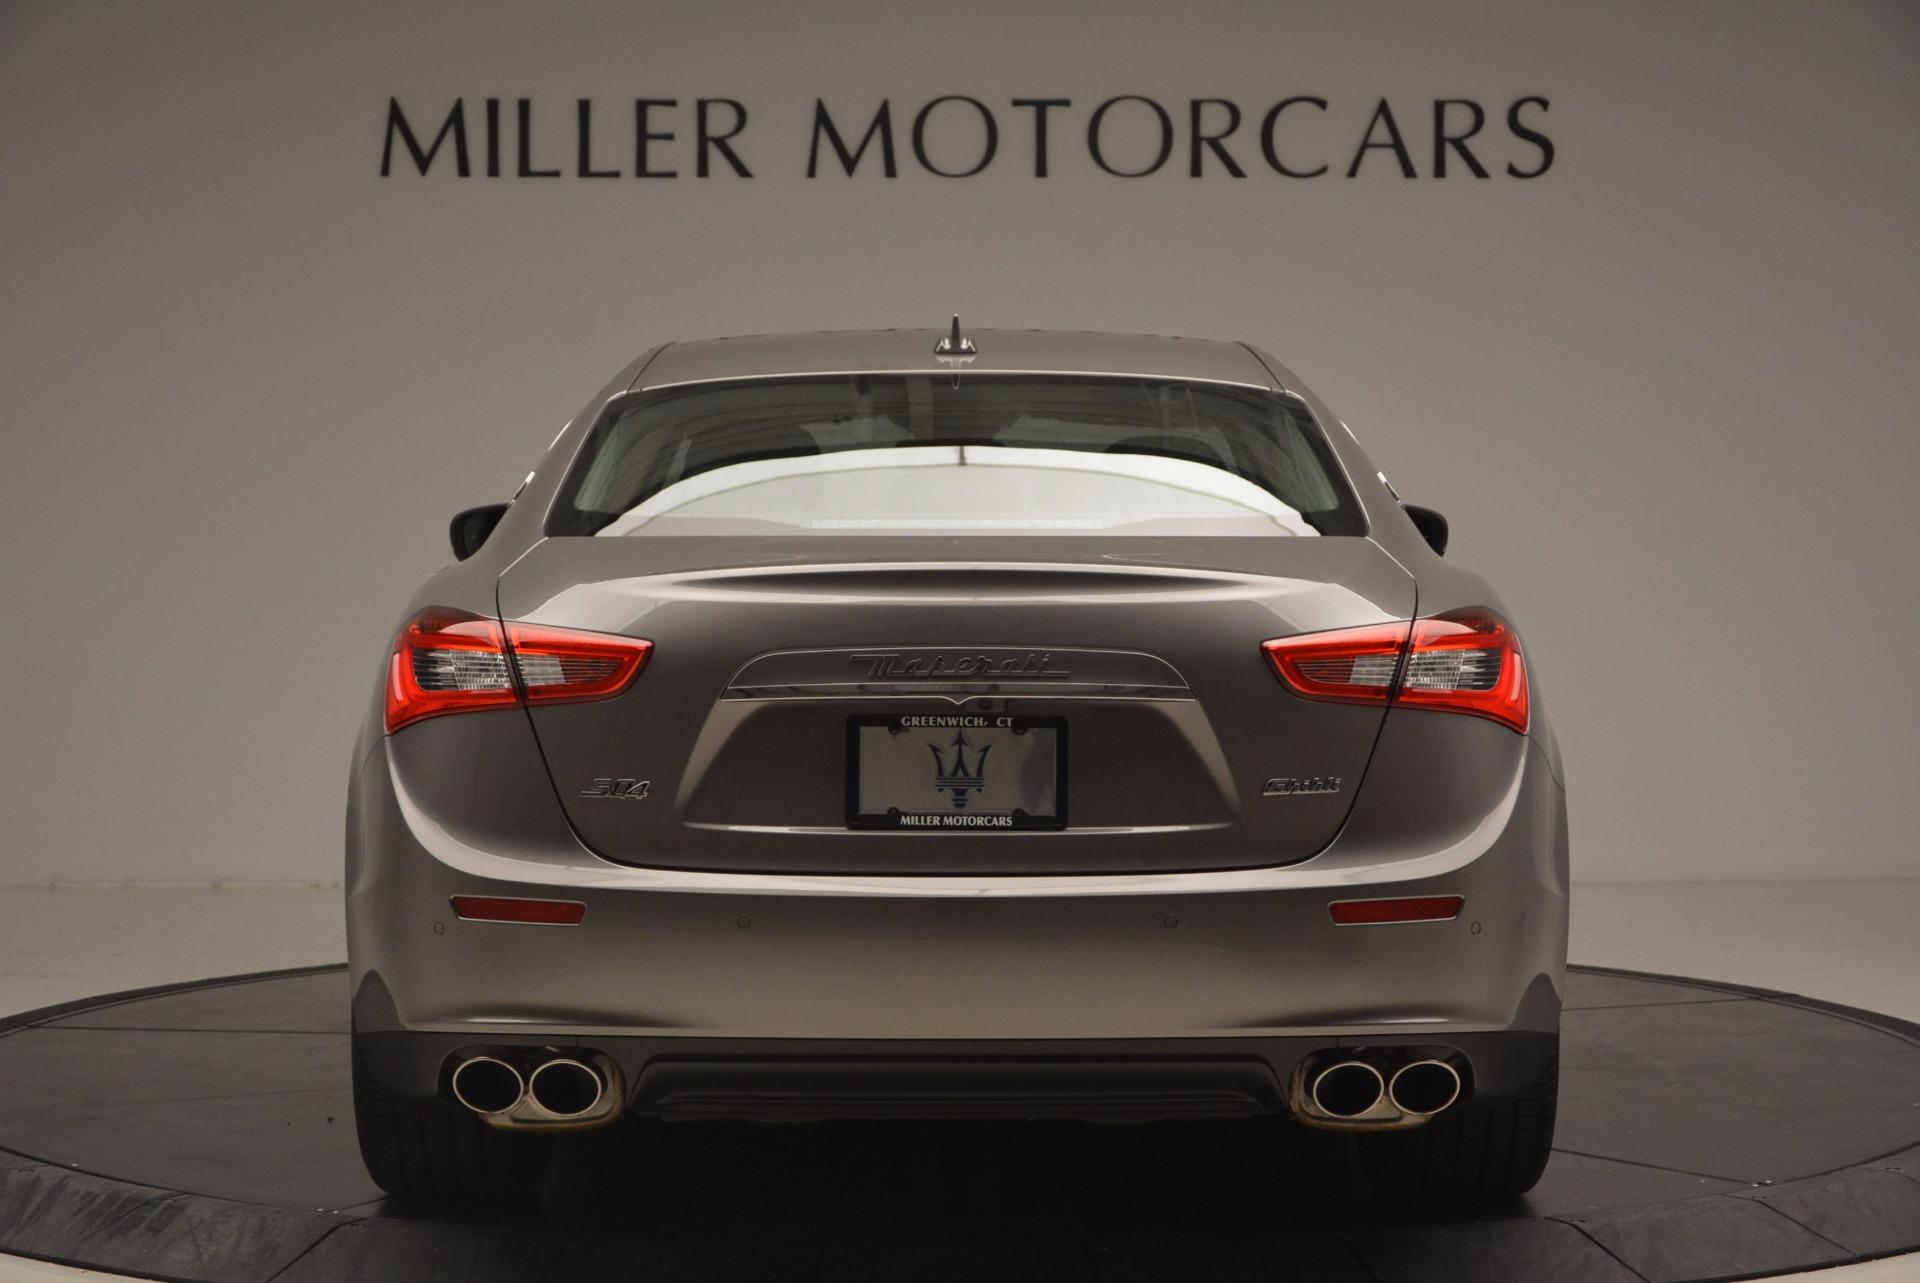 New 2017 Maserati Ghibli SQ4 For Sale In Greenwich, CT 1109_p6